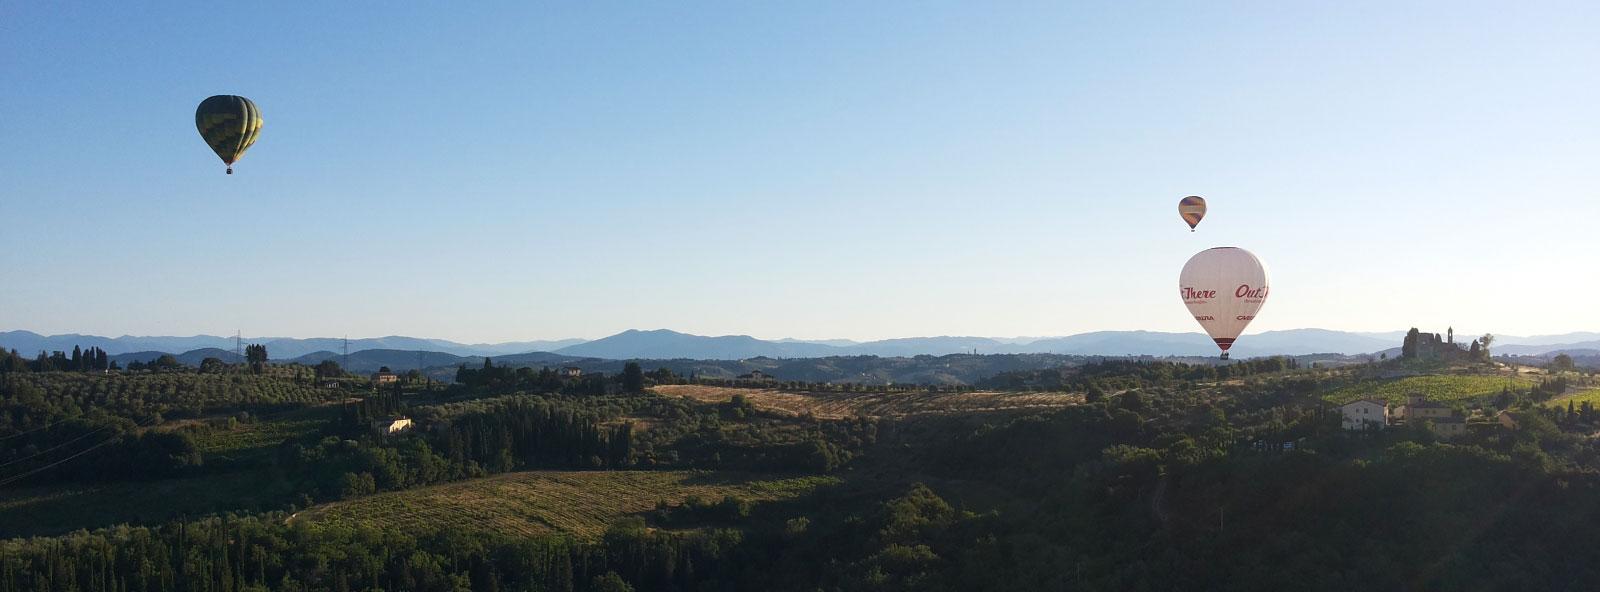 chianti-mongolfiere-in-volo-sulle-colline-toscane